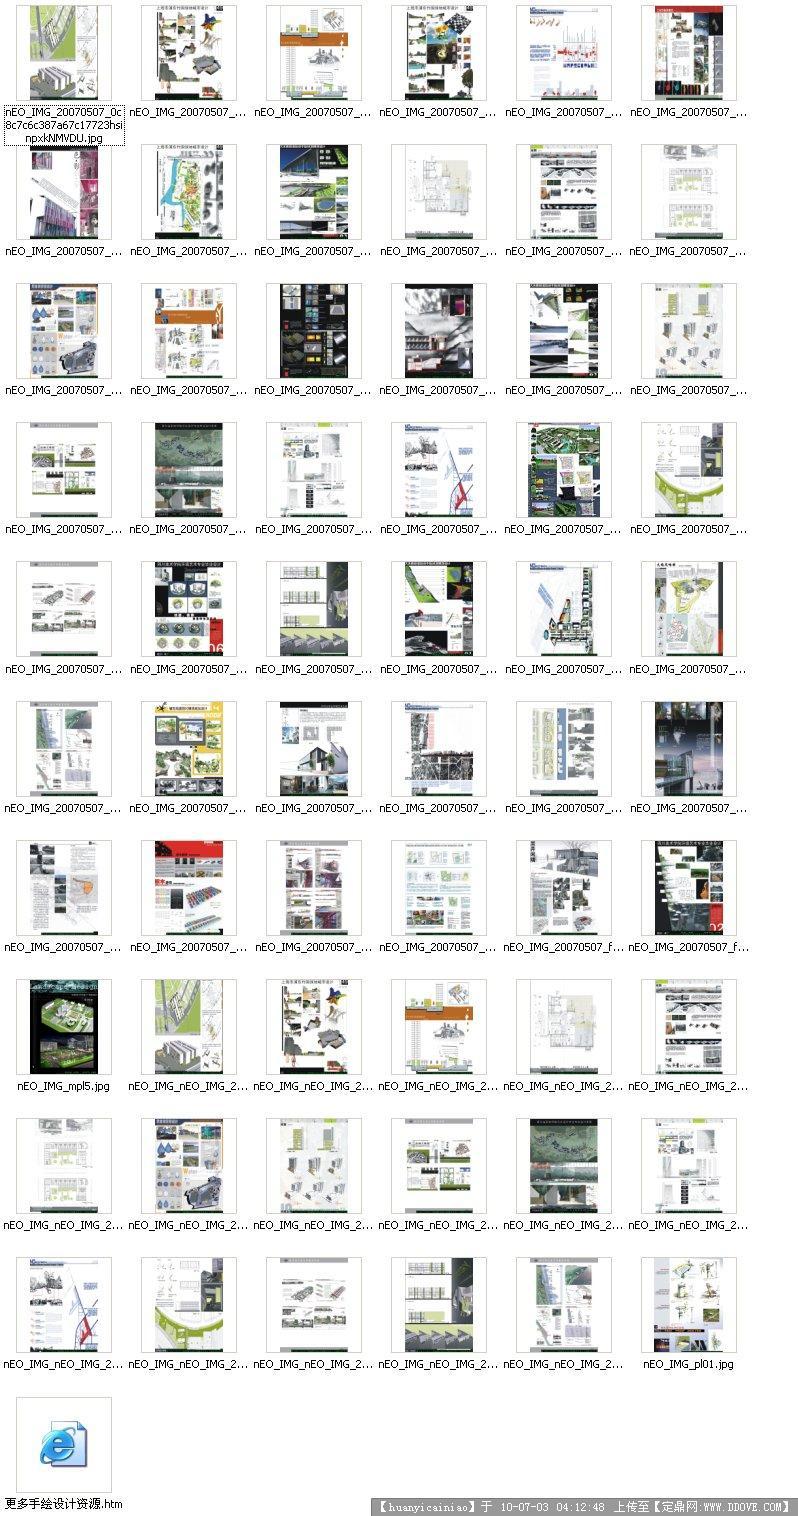 环境艺术毕业设计-展板60张-大图